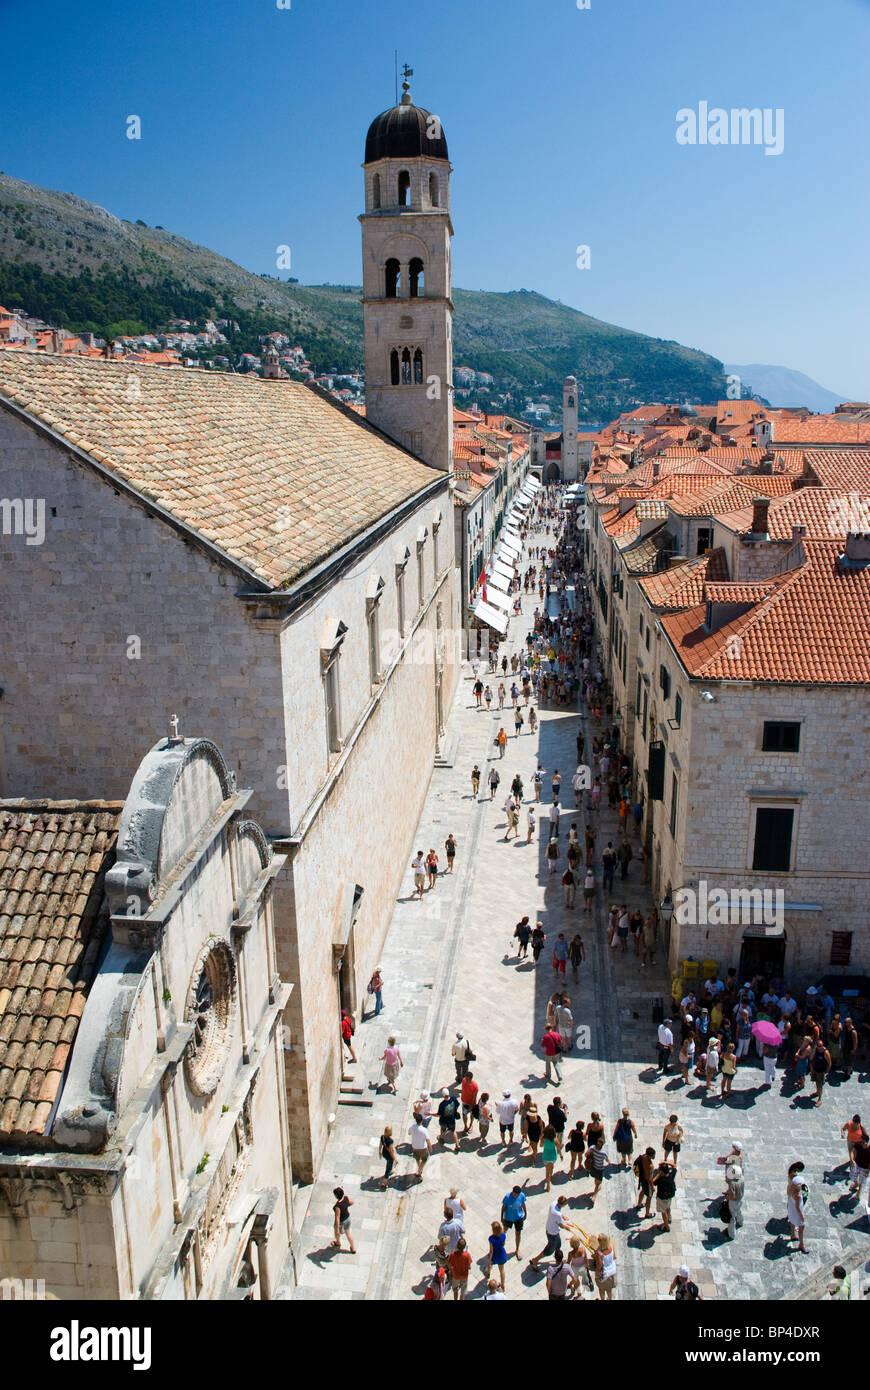 Stradun, Dubrovnik's main street, Dubrovnik Old Town, Dalmatia, Croatia - Stock Image